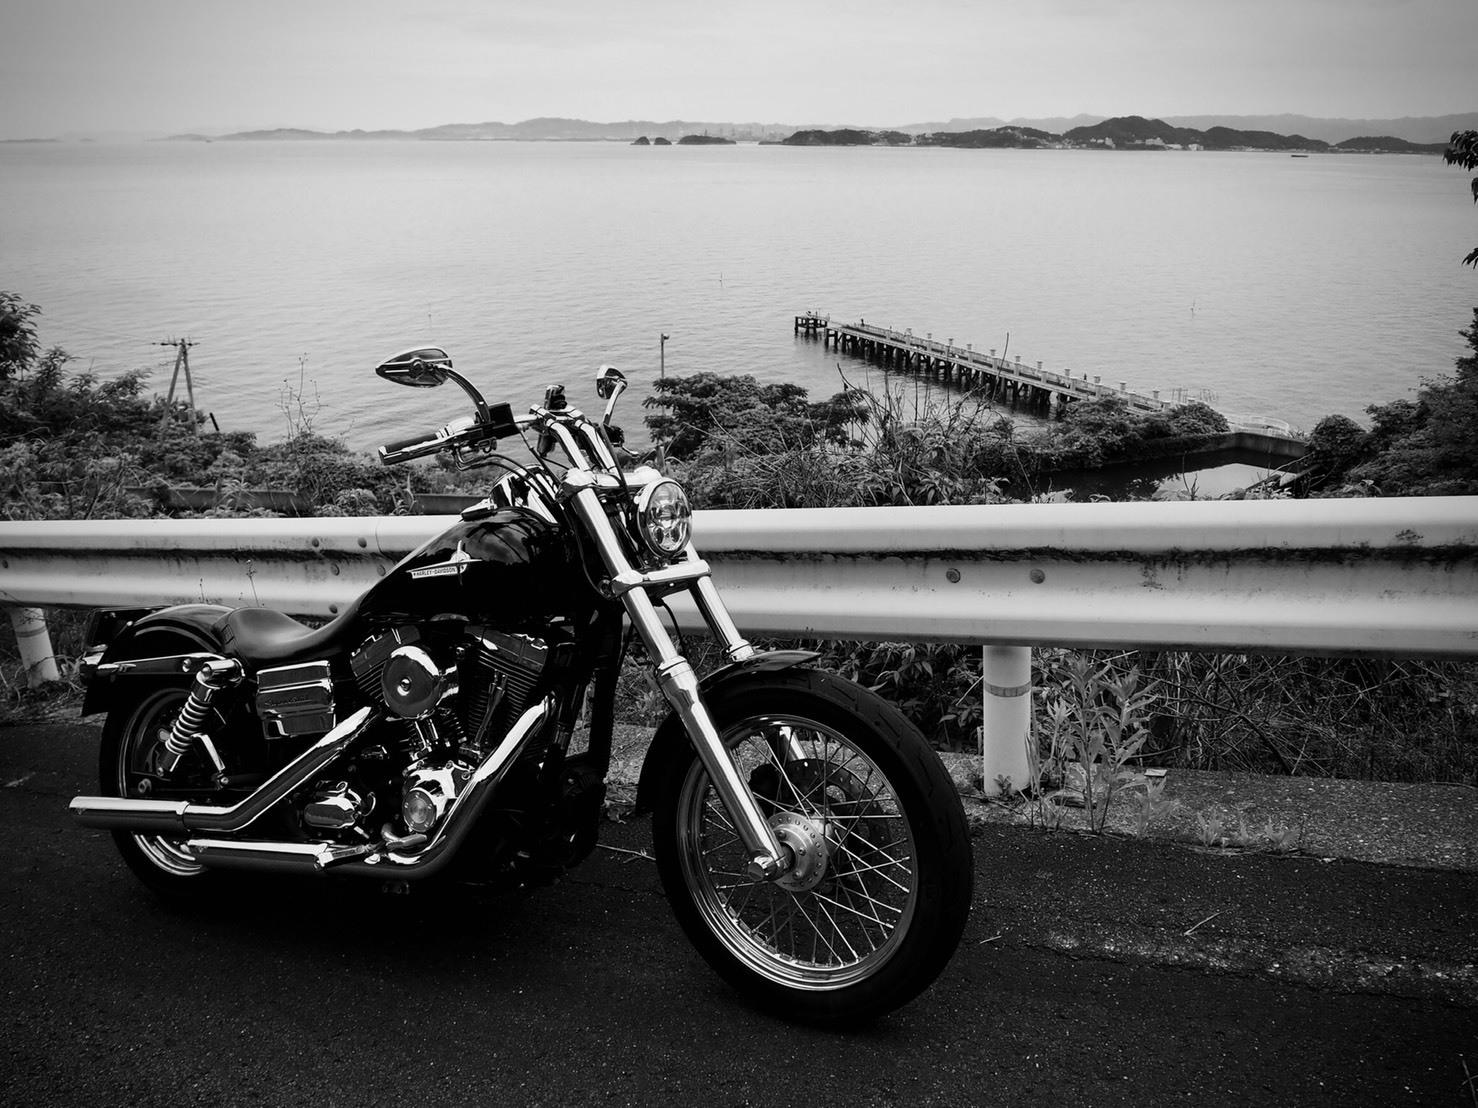 ぴーきち&ダイナ ハーレーブログ 和歌山有田ツーリング 海沿い 海岸線